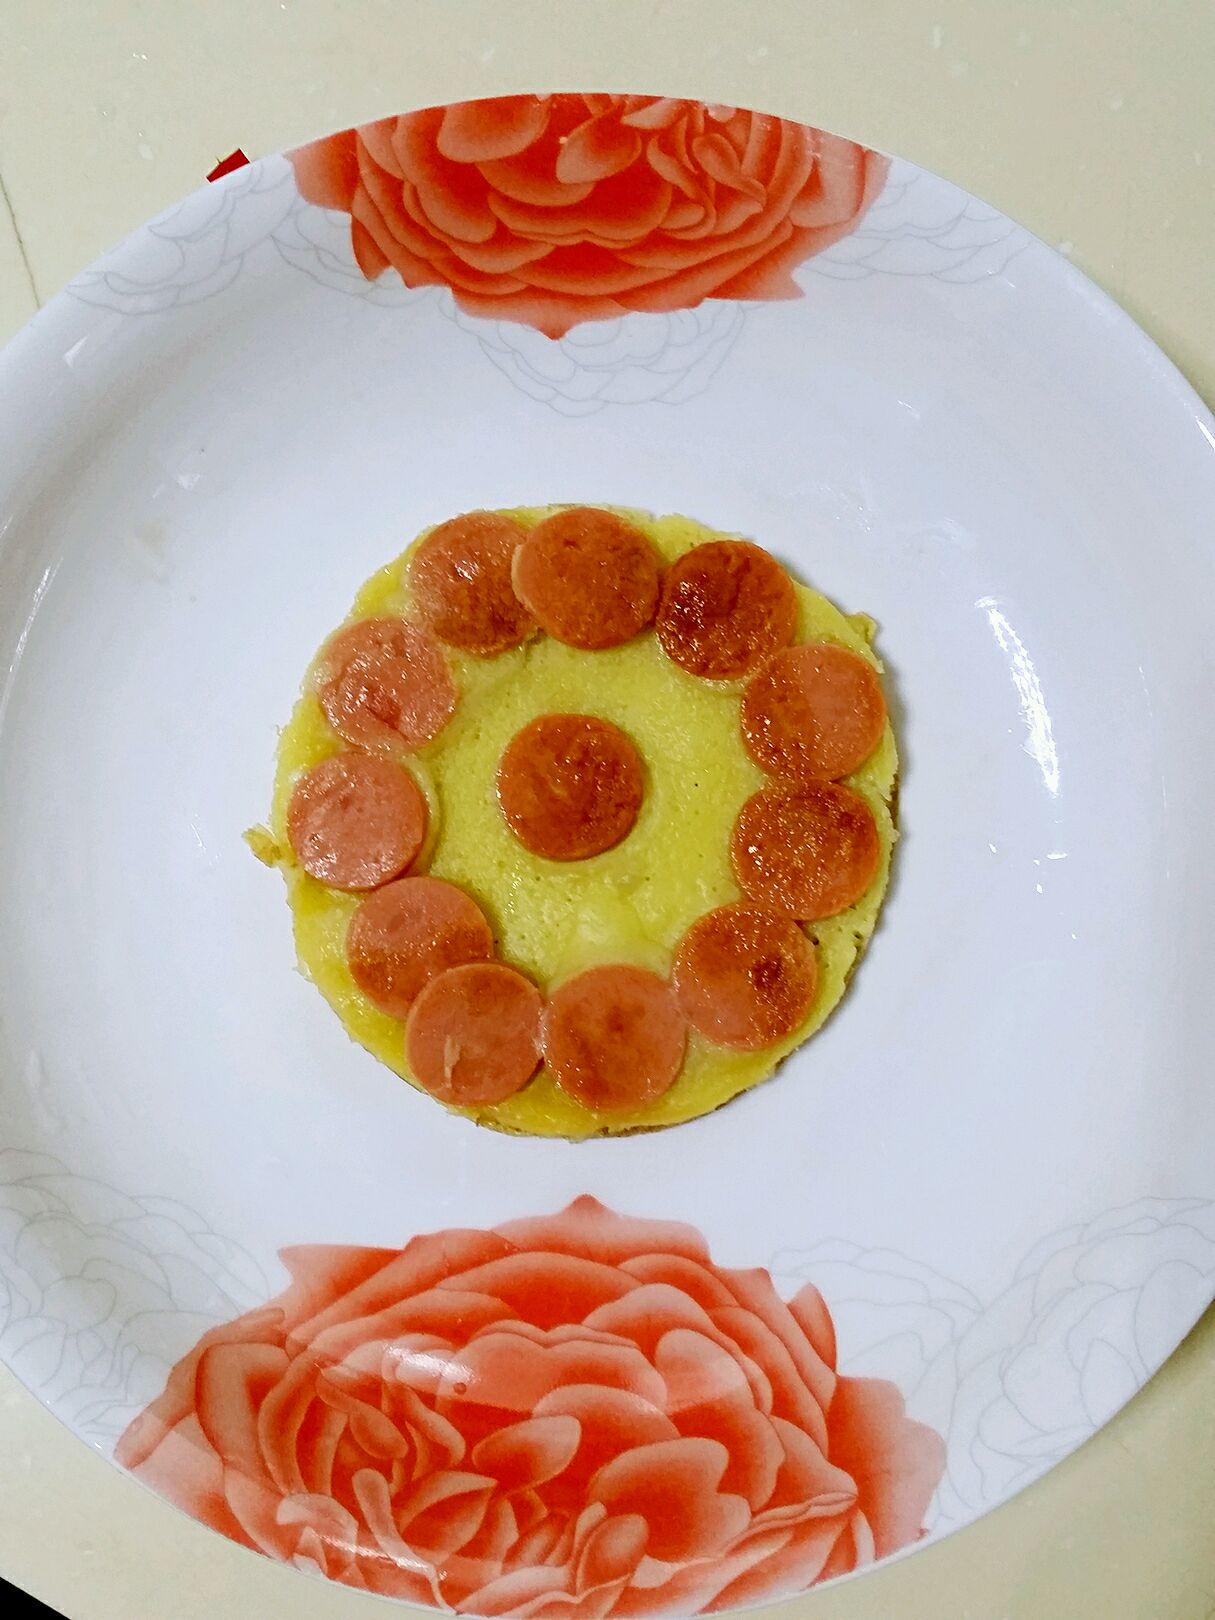 宝宝早餐之鸡蛋火腿饼的做法图解2